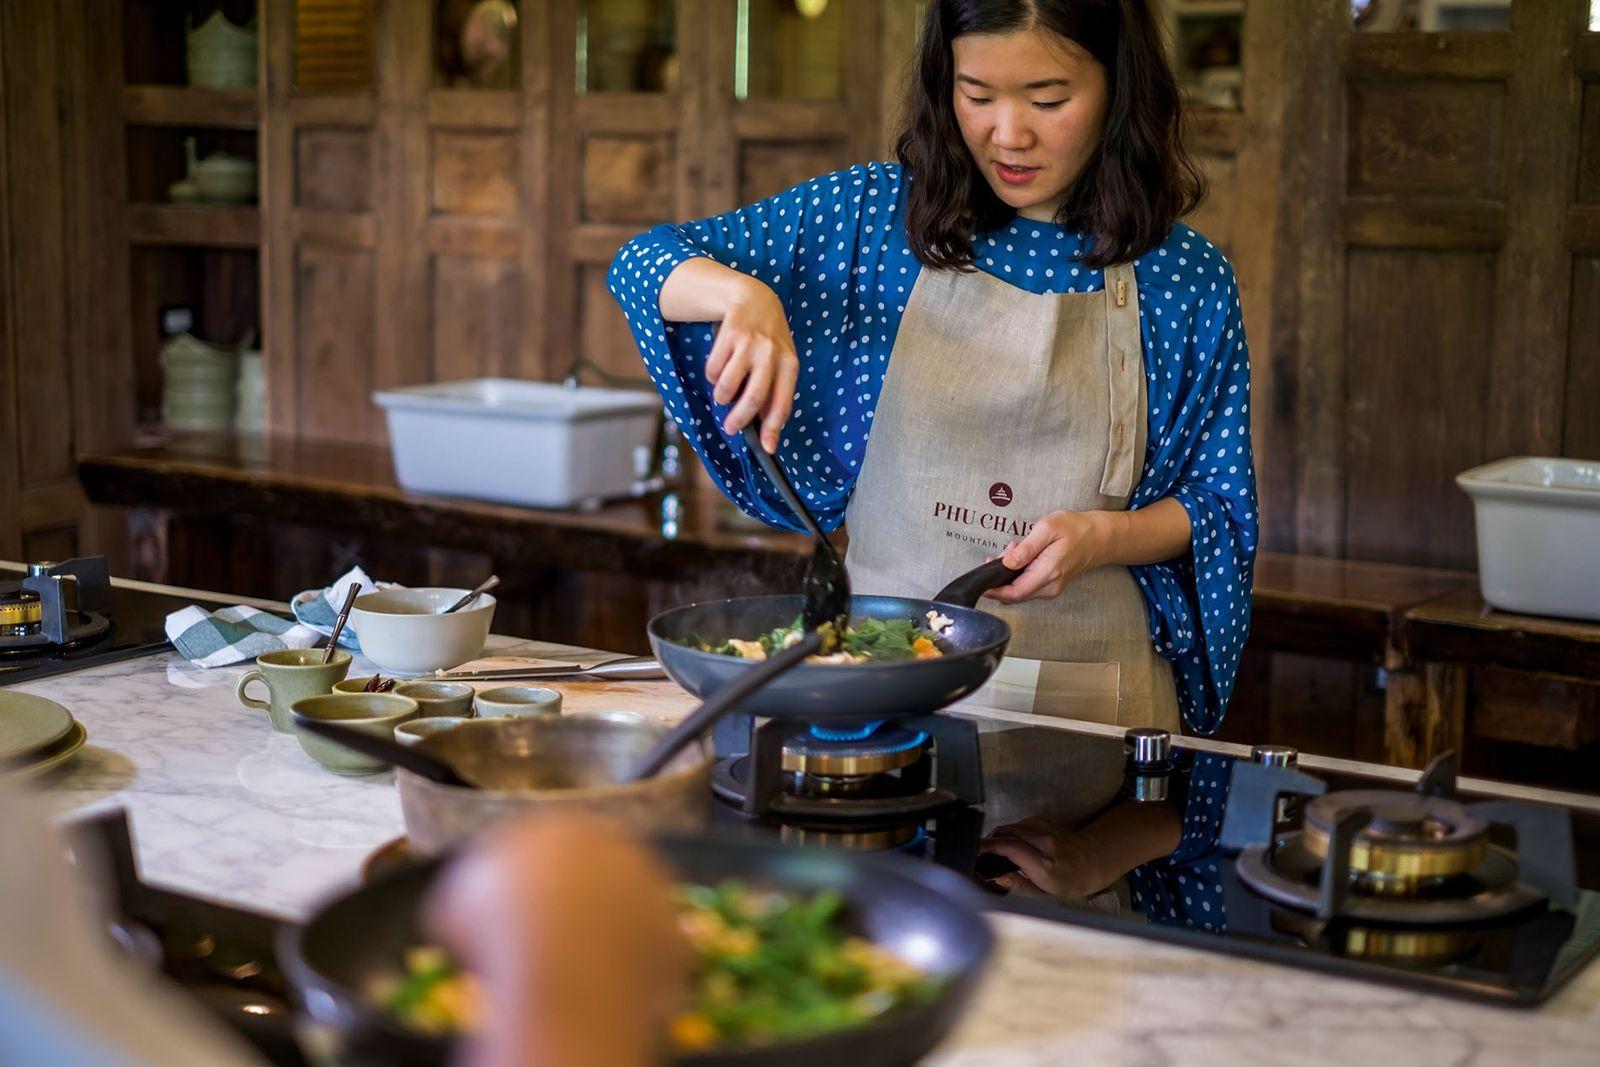 Phu Chaisai Mountain Resort cooking class